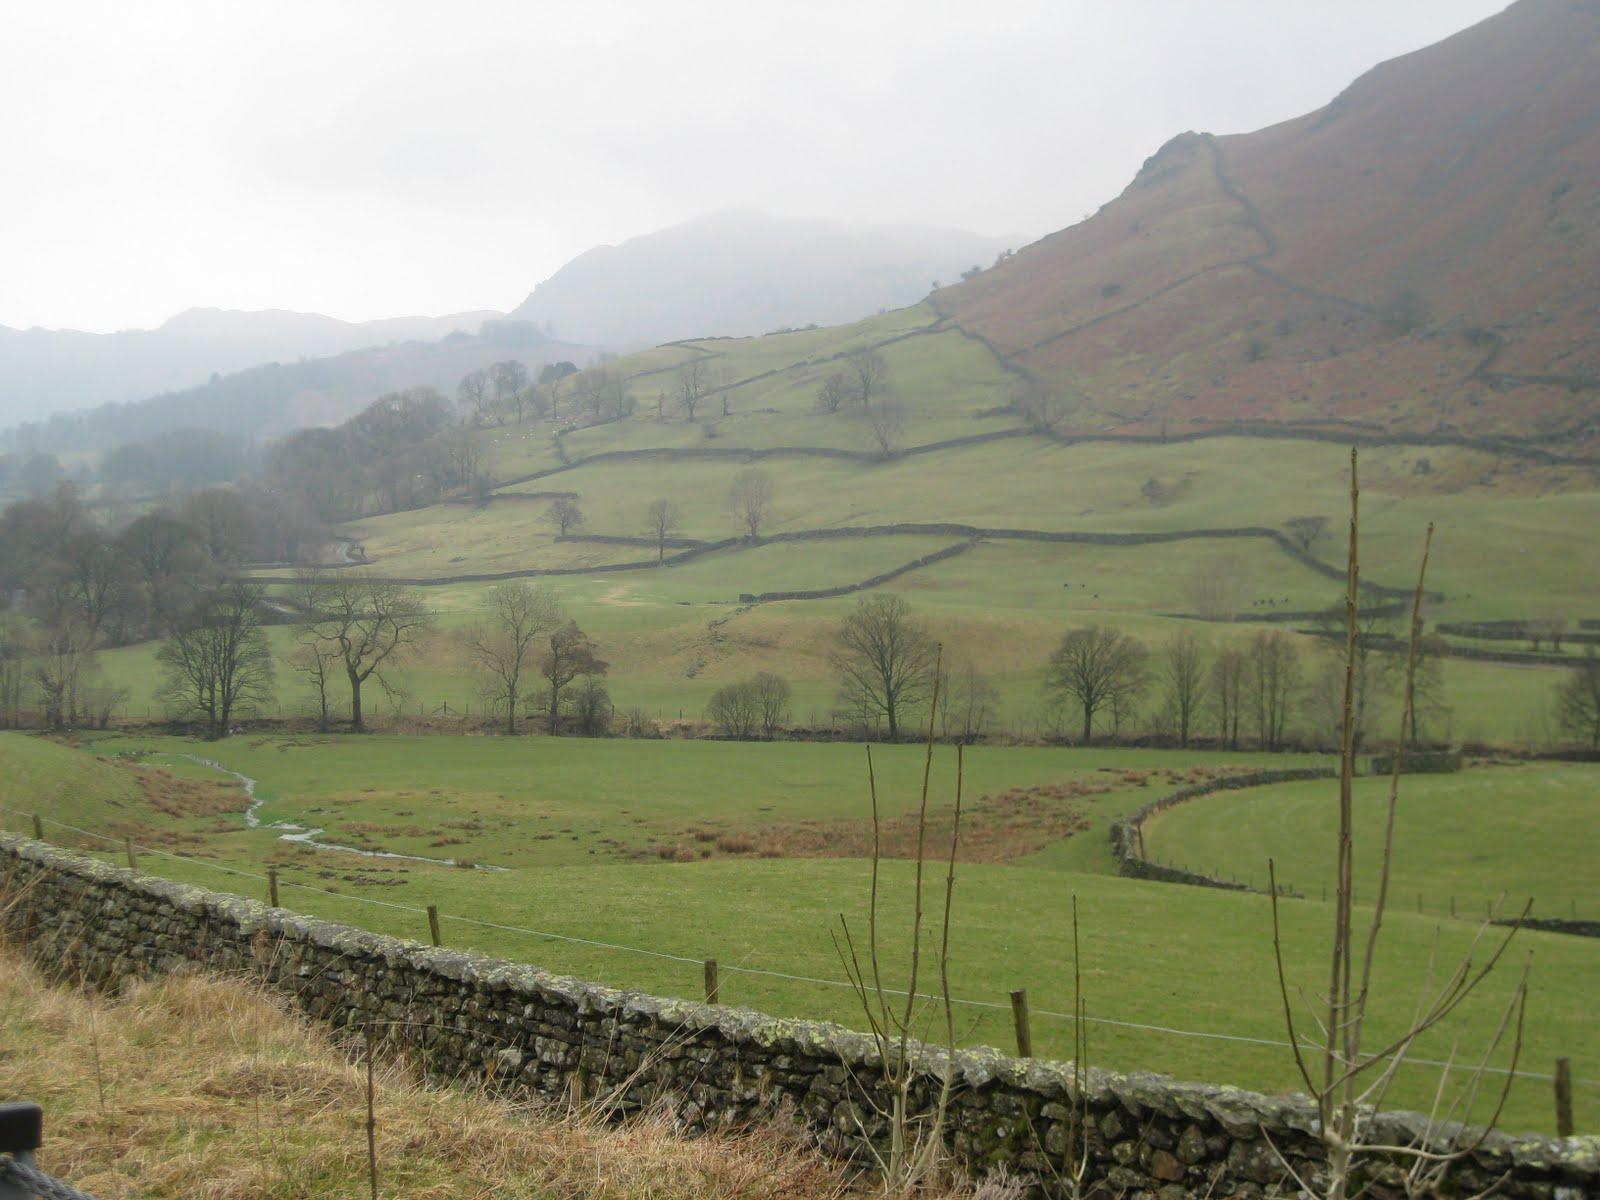 Cumbrian farmland